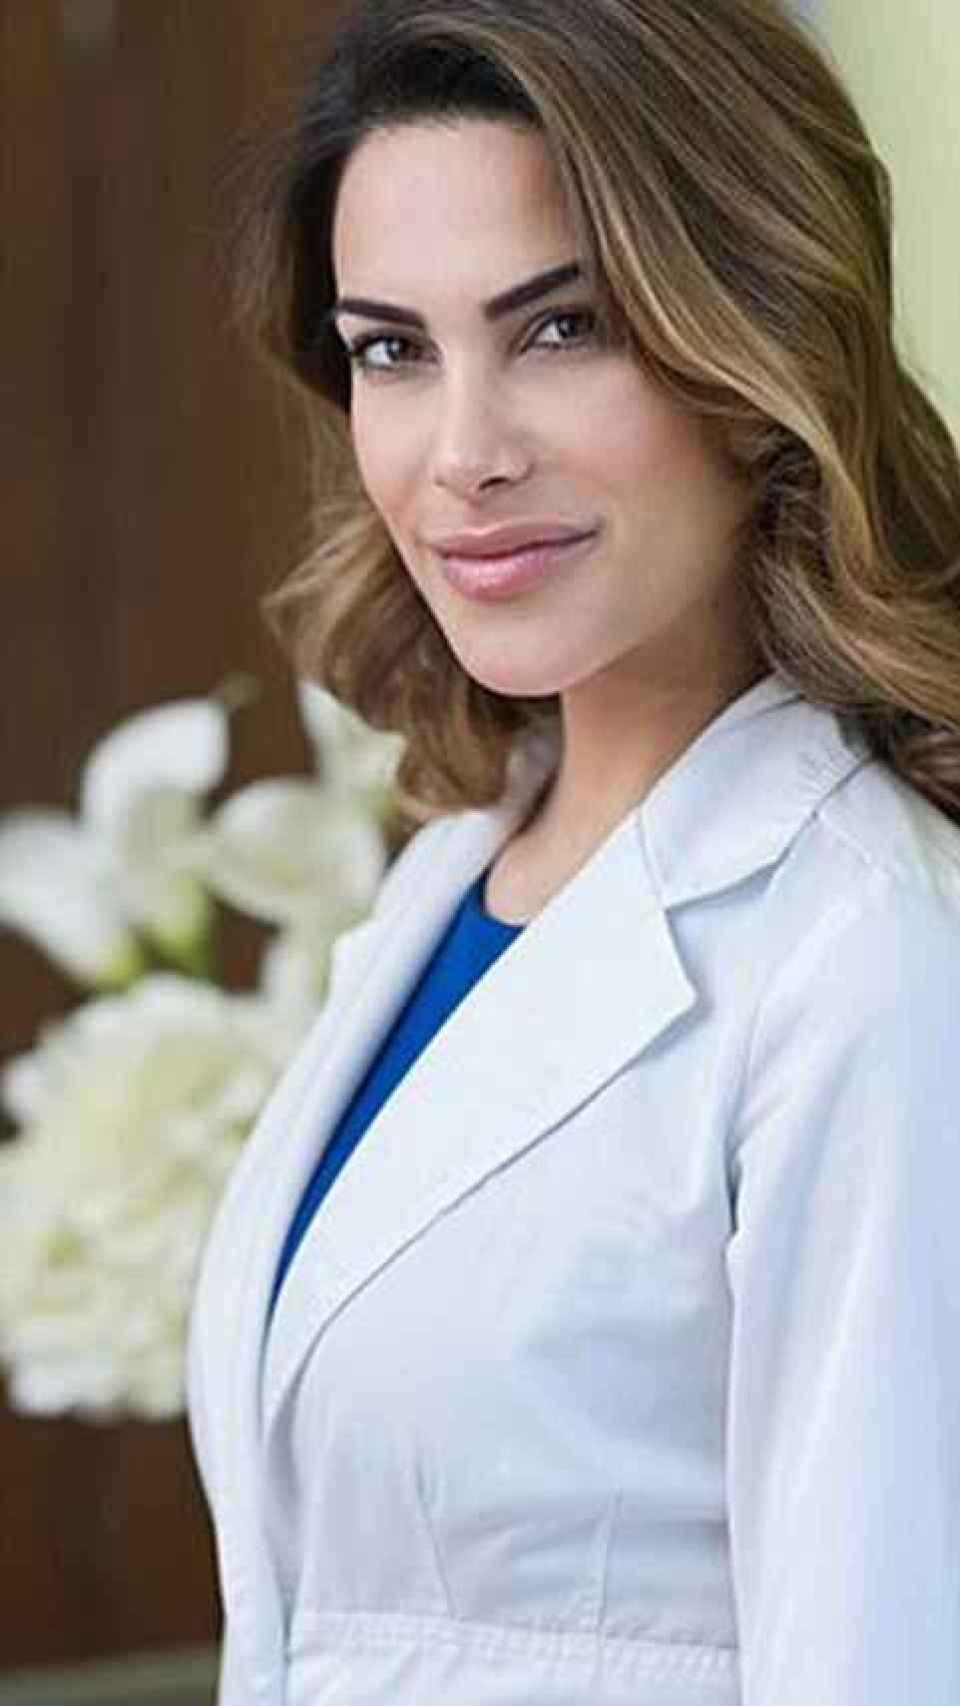 Carla Barber posando en uno de sus centros médicos.